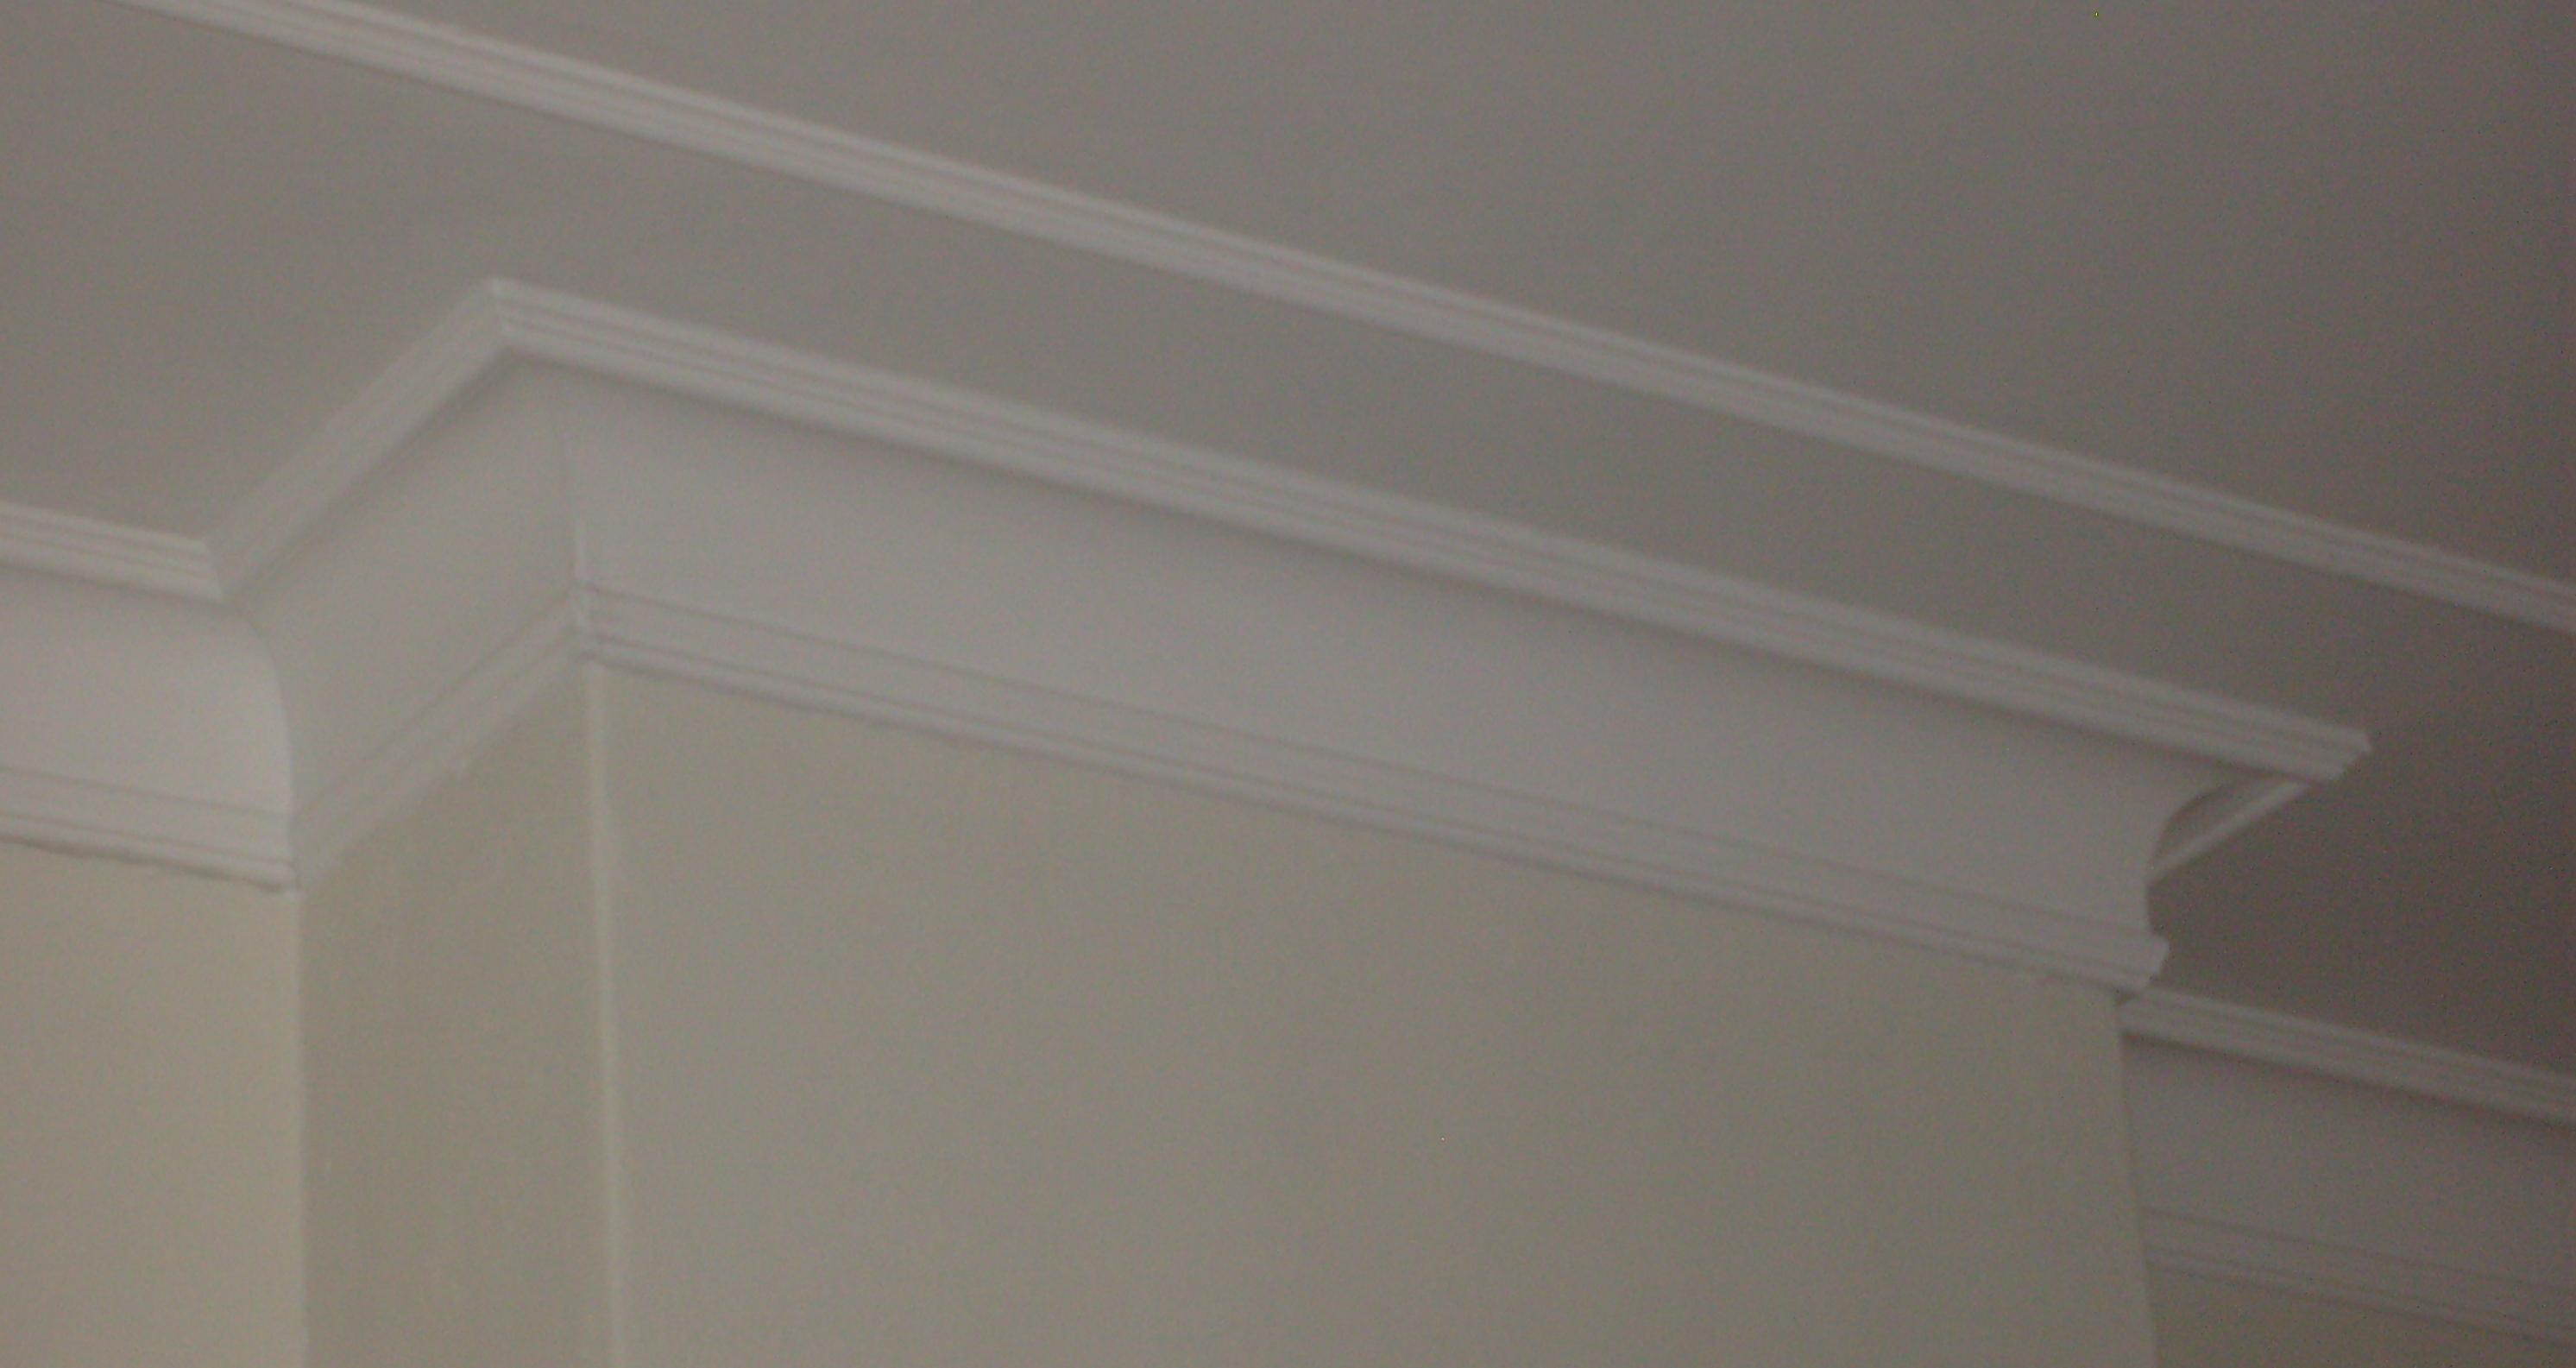 Vieze kitranden badkamer home design idee n en meubilair inspiraties - Betegelde vloer badkamer ...